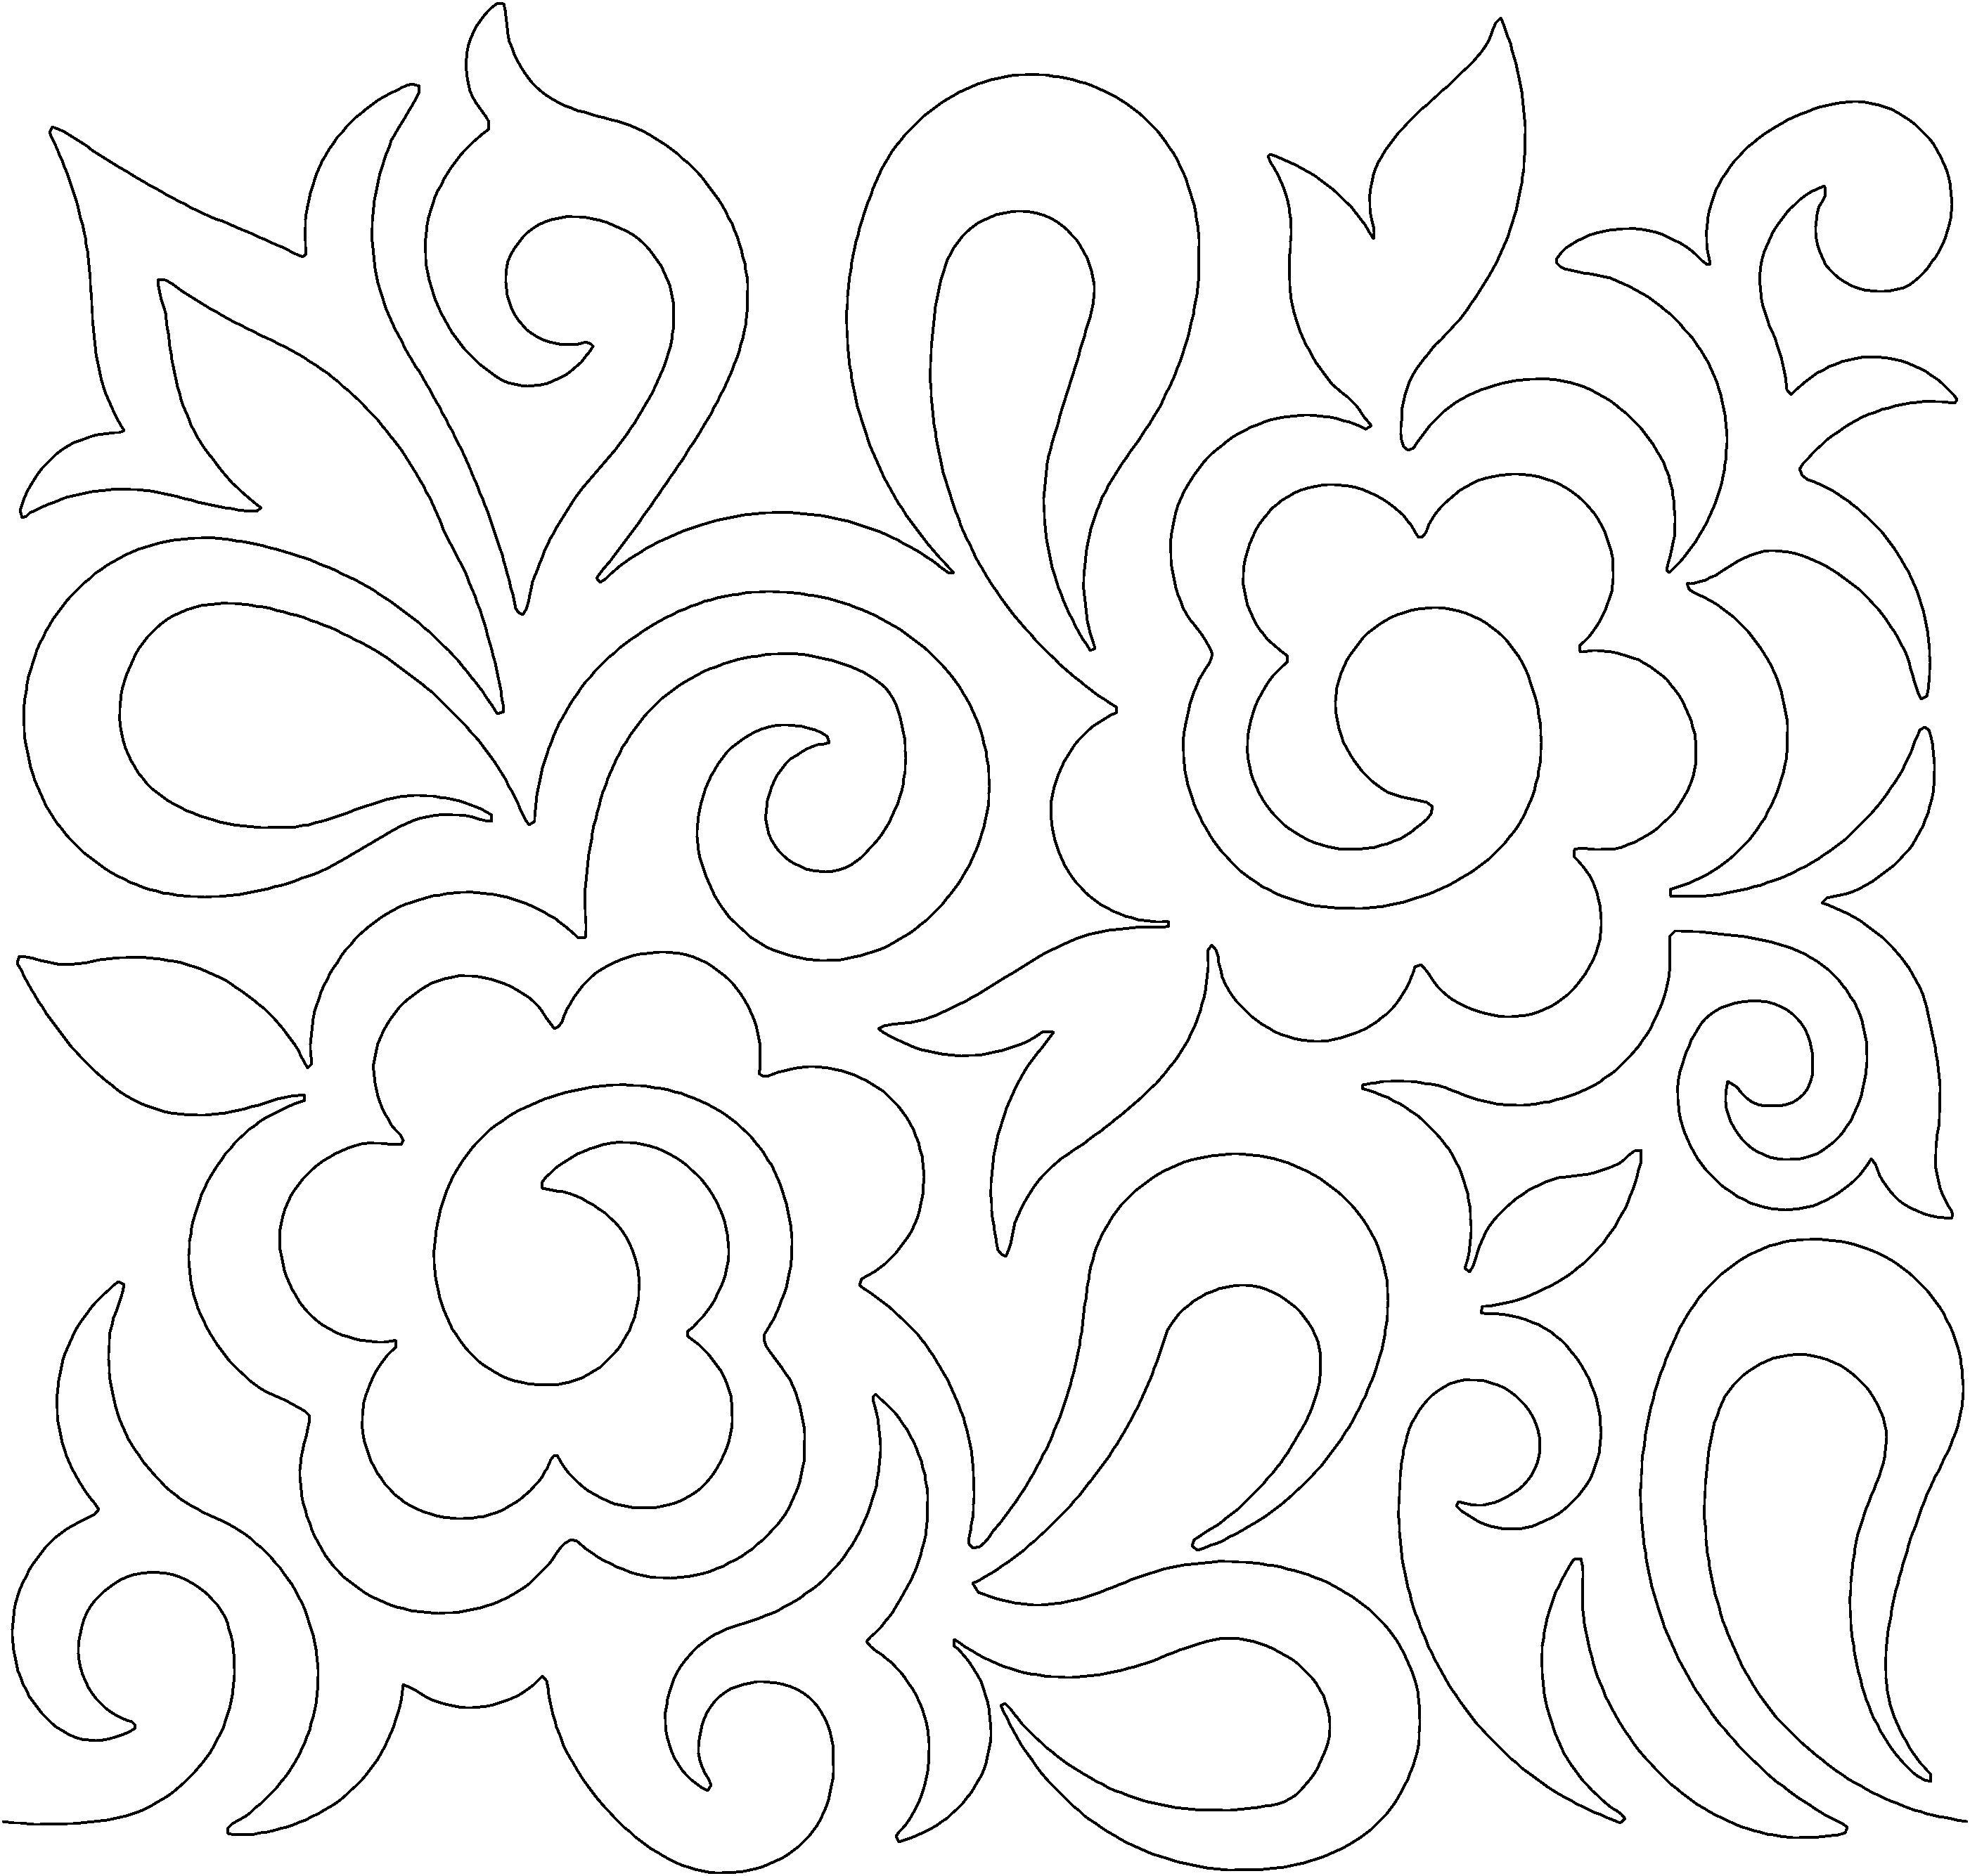 fanfare doodle | Bordado | Pinterest | Acolchados, Bordado y Edredones